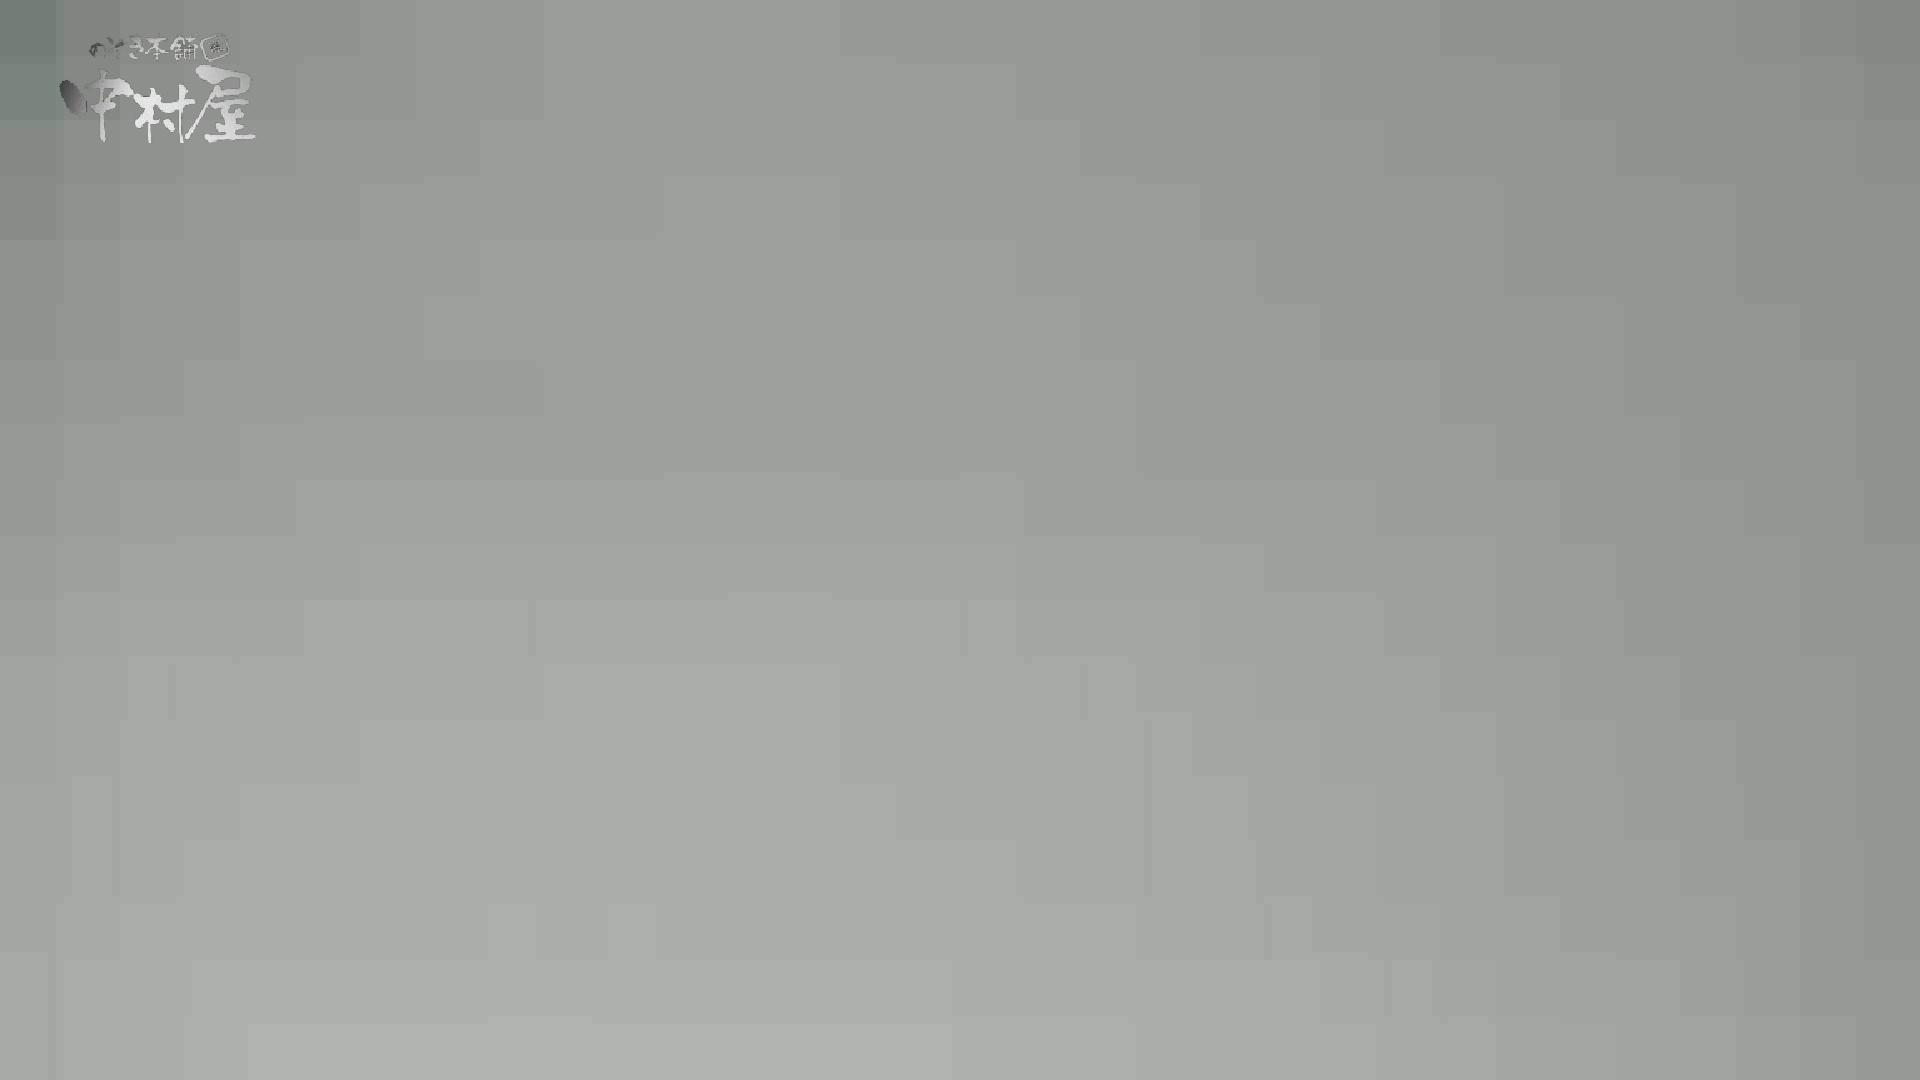 洗面所突入レポート!!vol.25 美女 おめこ無修正画像 83連発 24